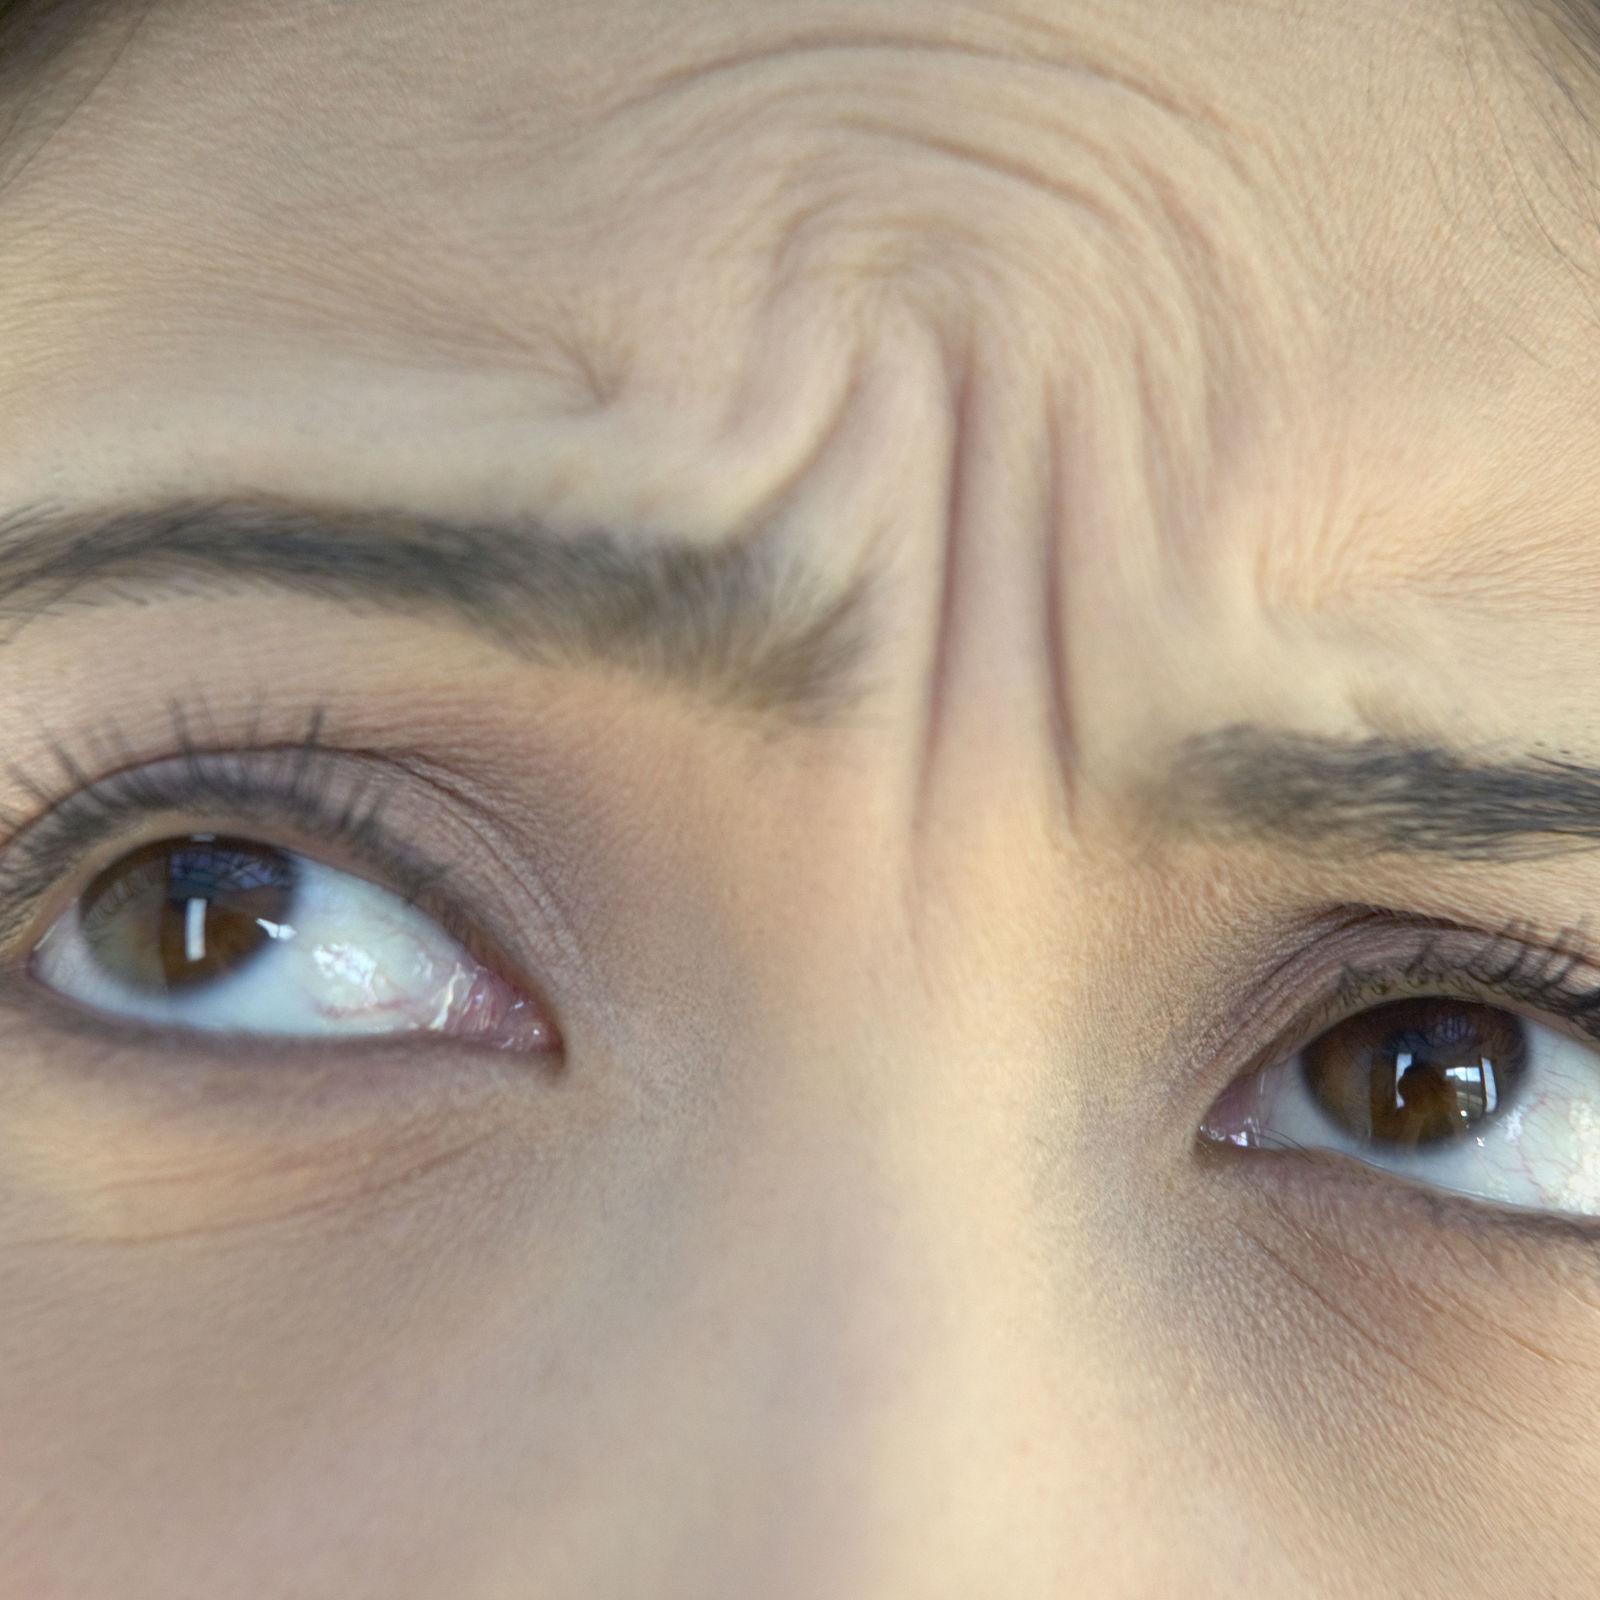 how to get rid of wrinkles between eyebrows